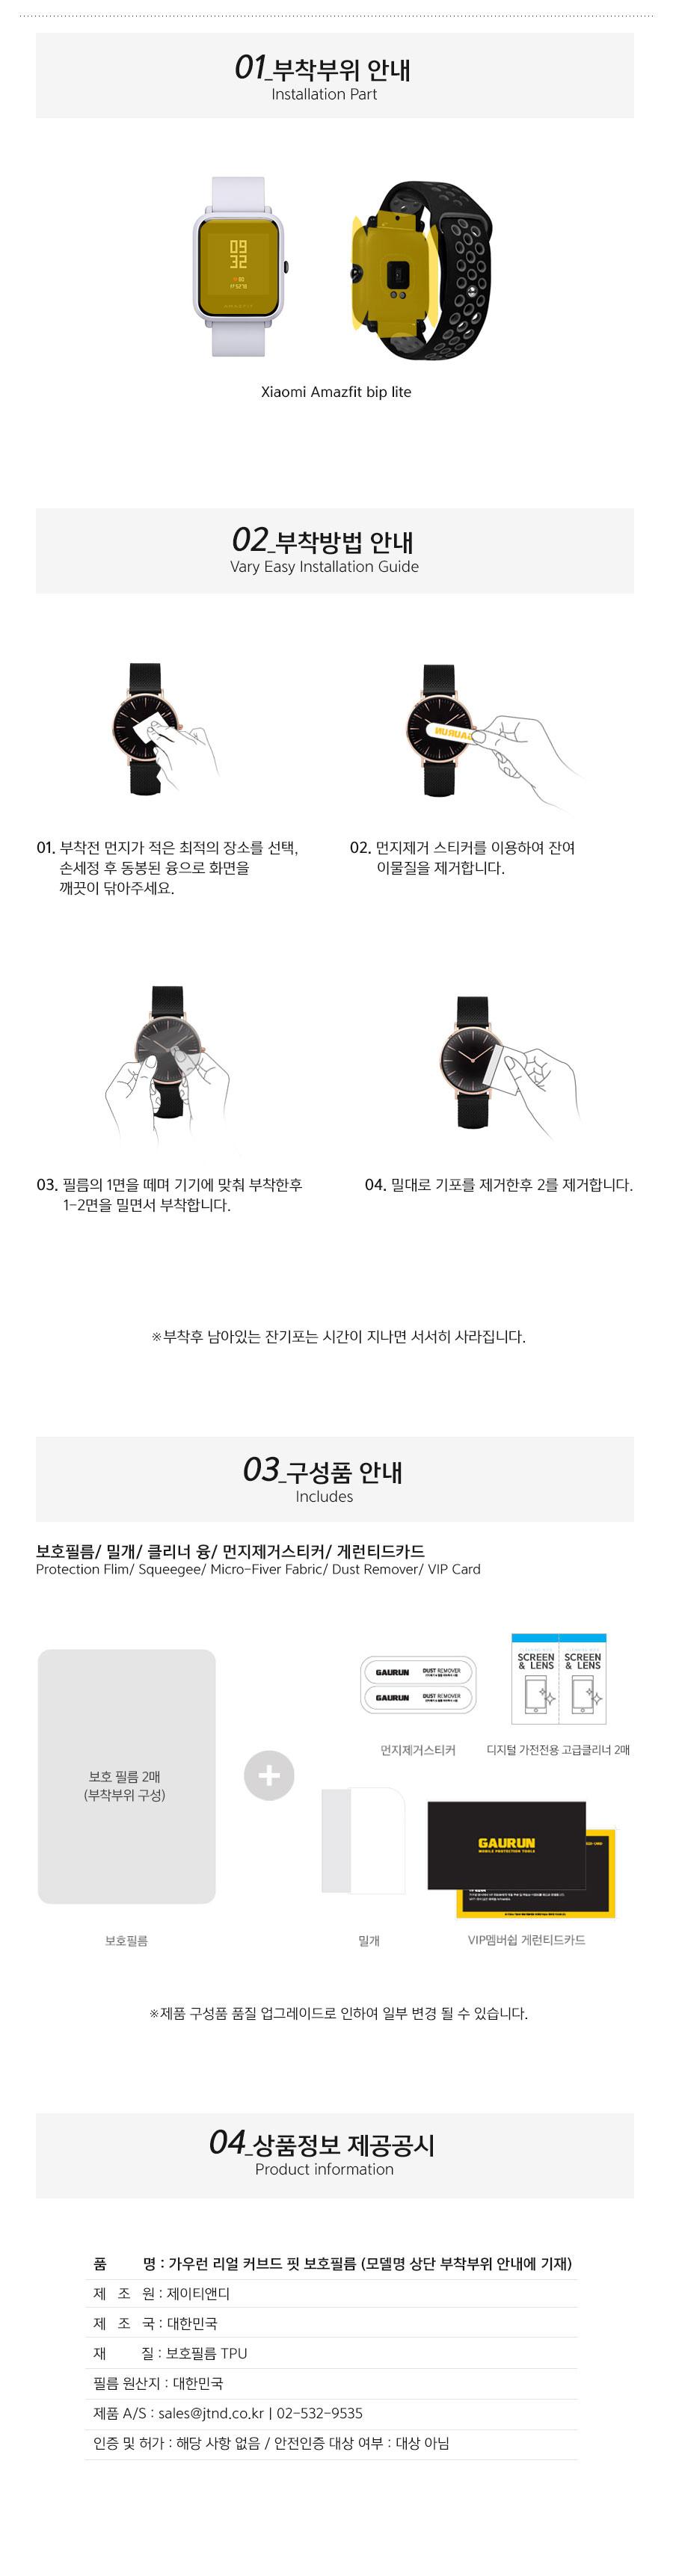 샤오미 어메이즈핏 빕 라이트 액정2매+측후면2매 보호필름 - 가우런, 15,900원, 필름/스킨, 기타 스마트폰